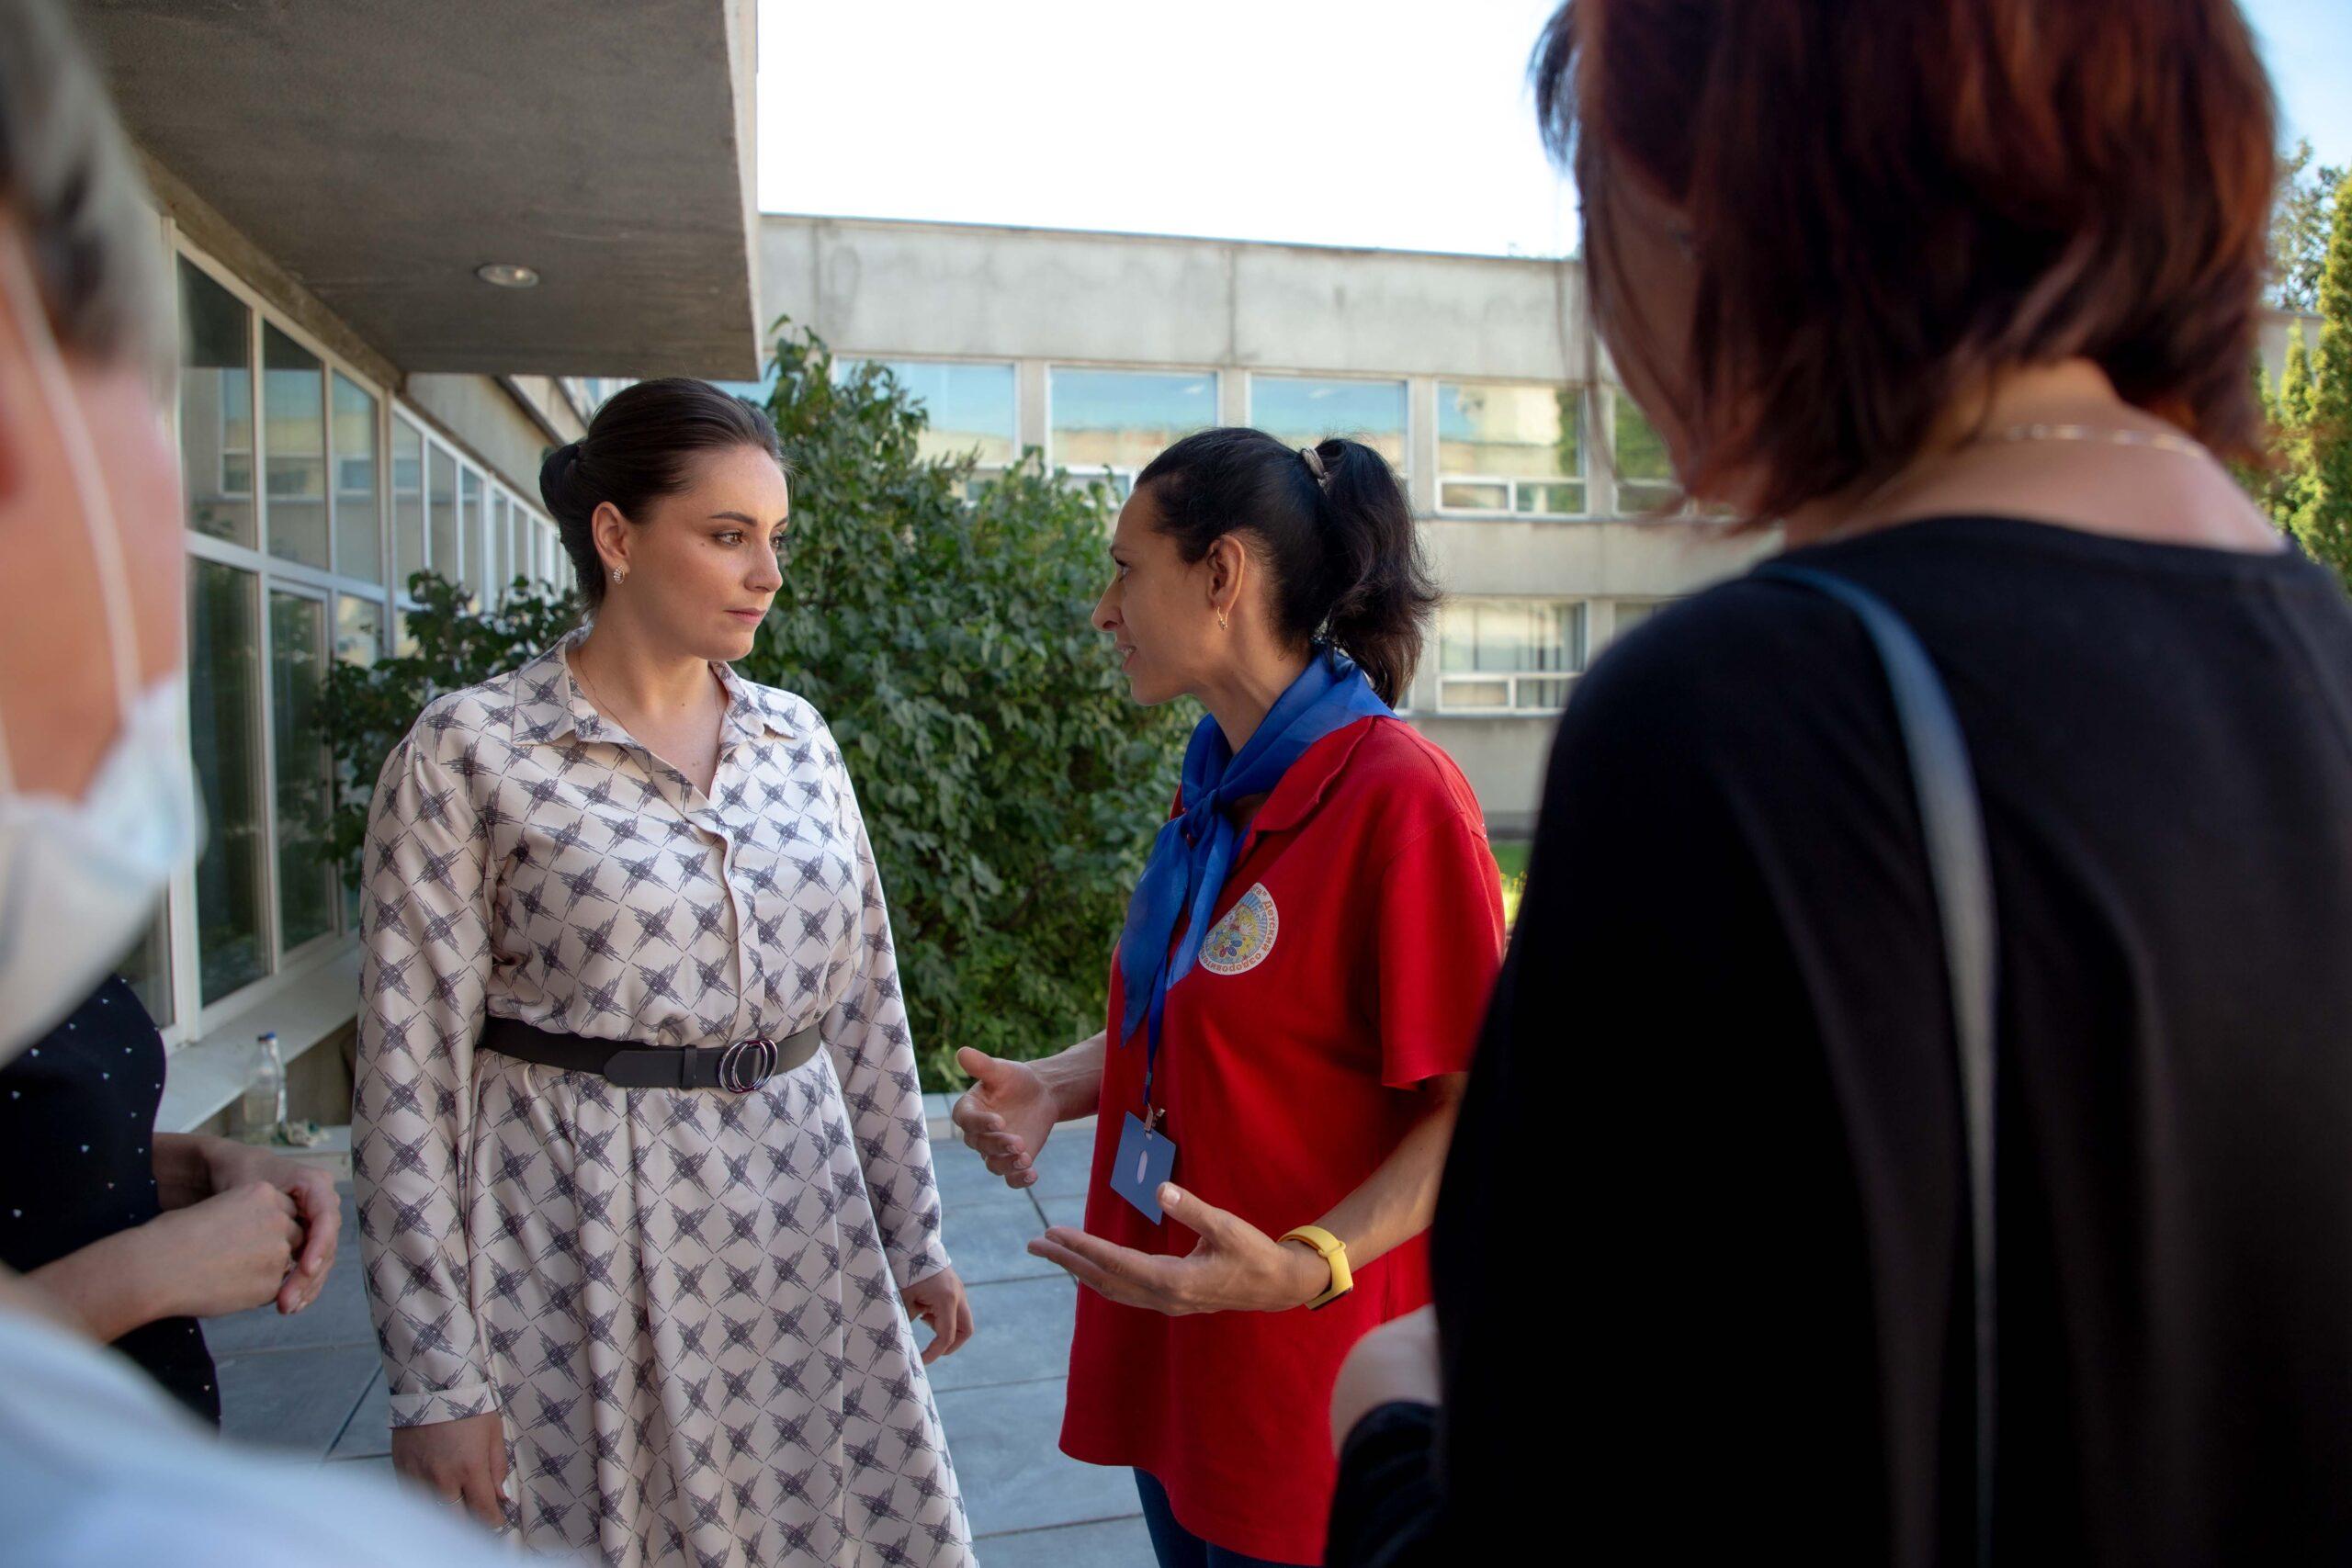 Инициативу лидера тверских волонтеров Юлии Сарановой оценили на федеральном уровне